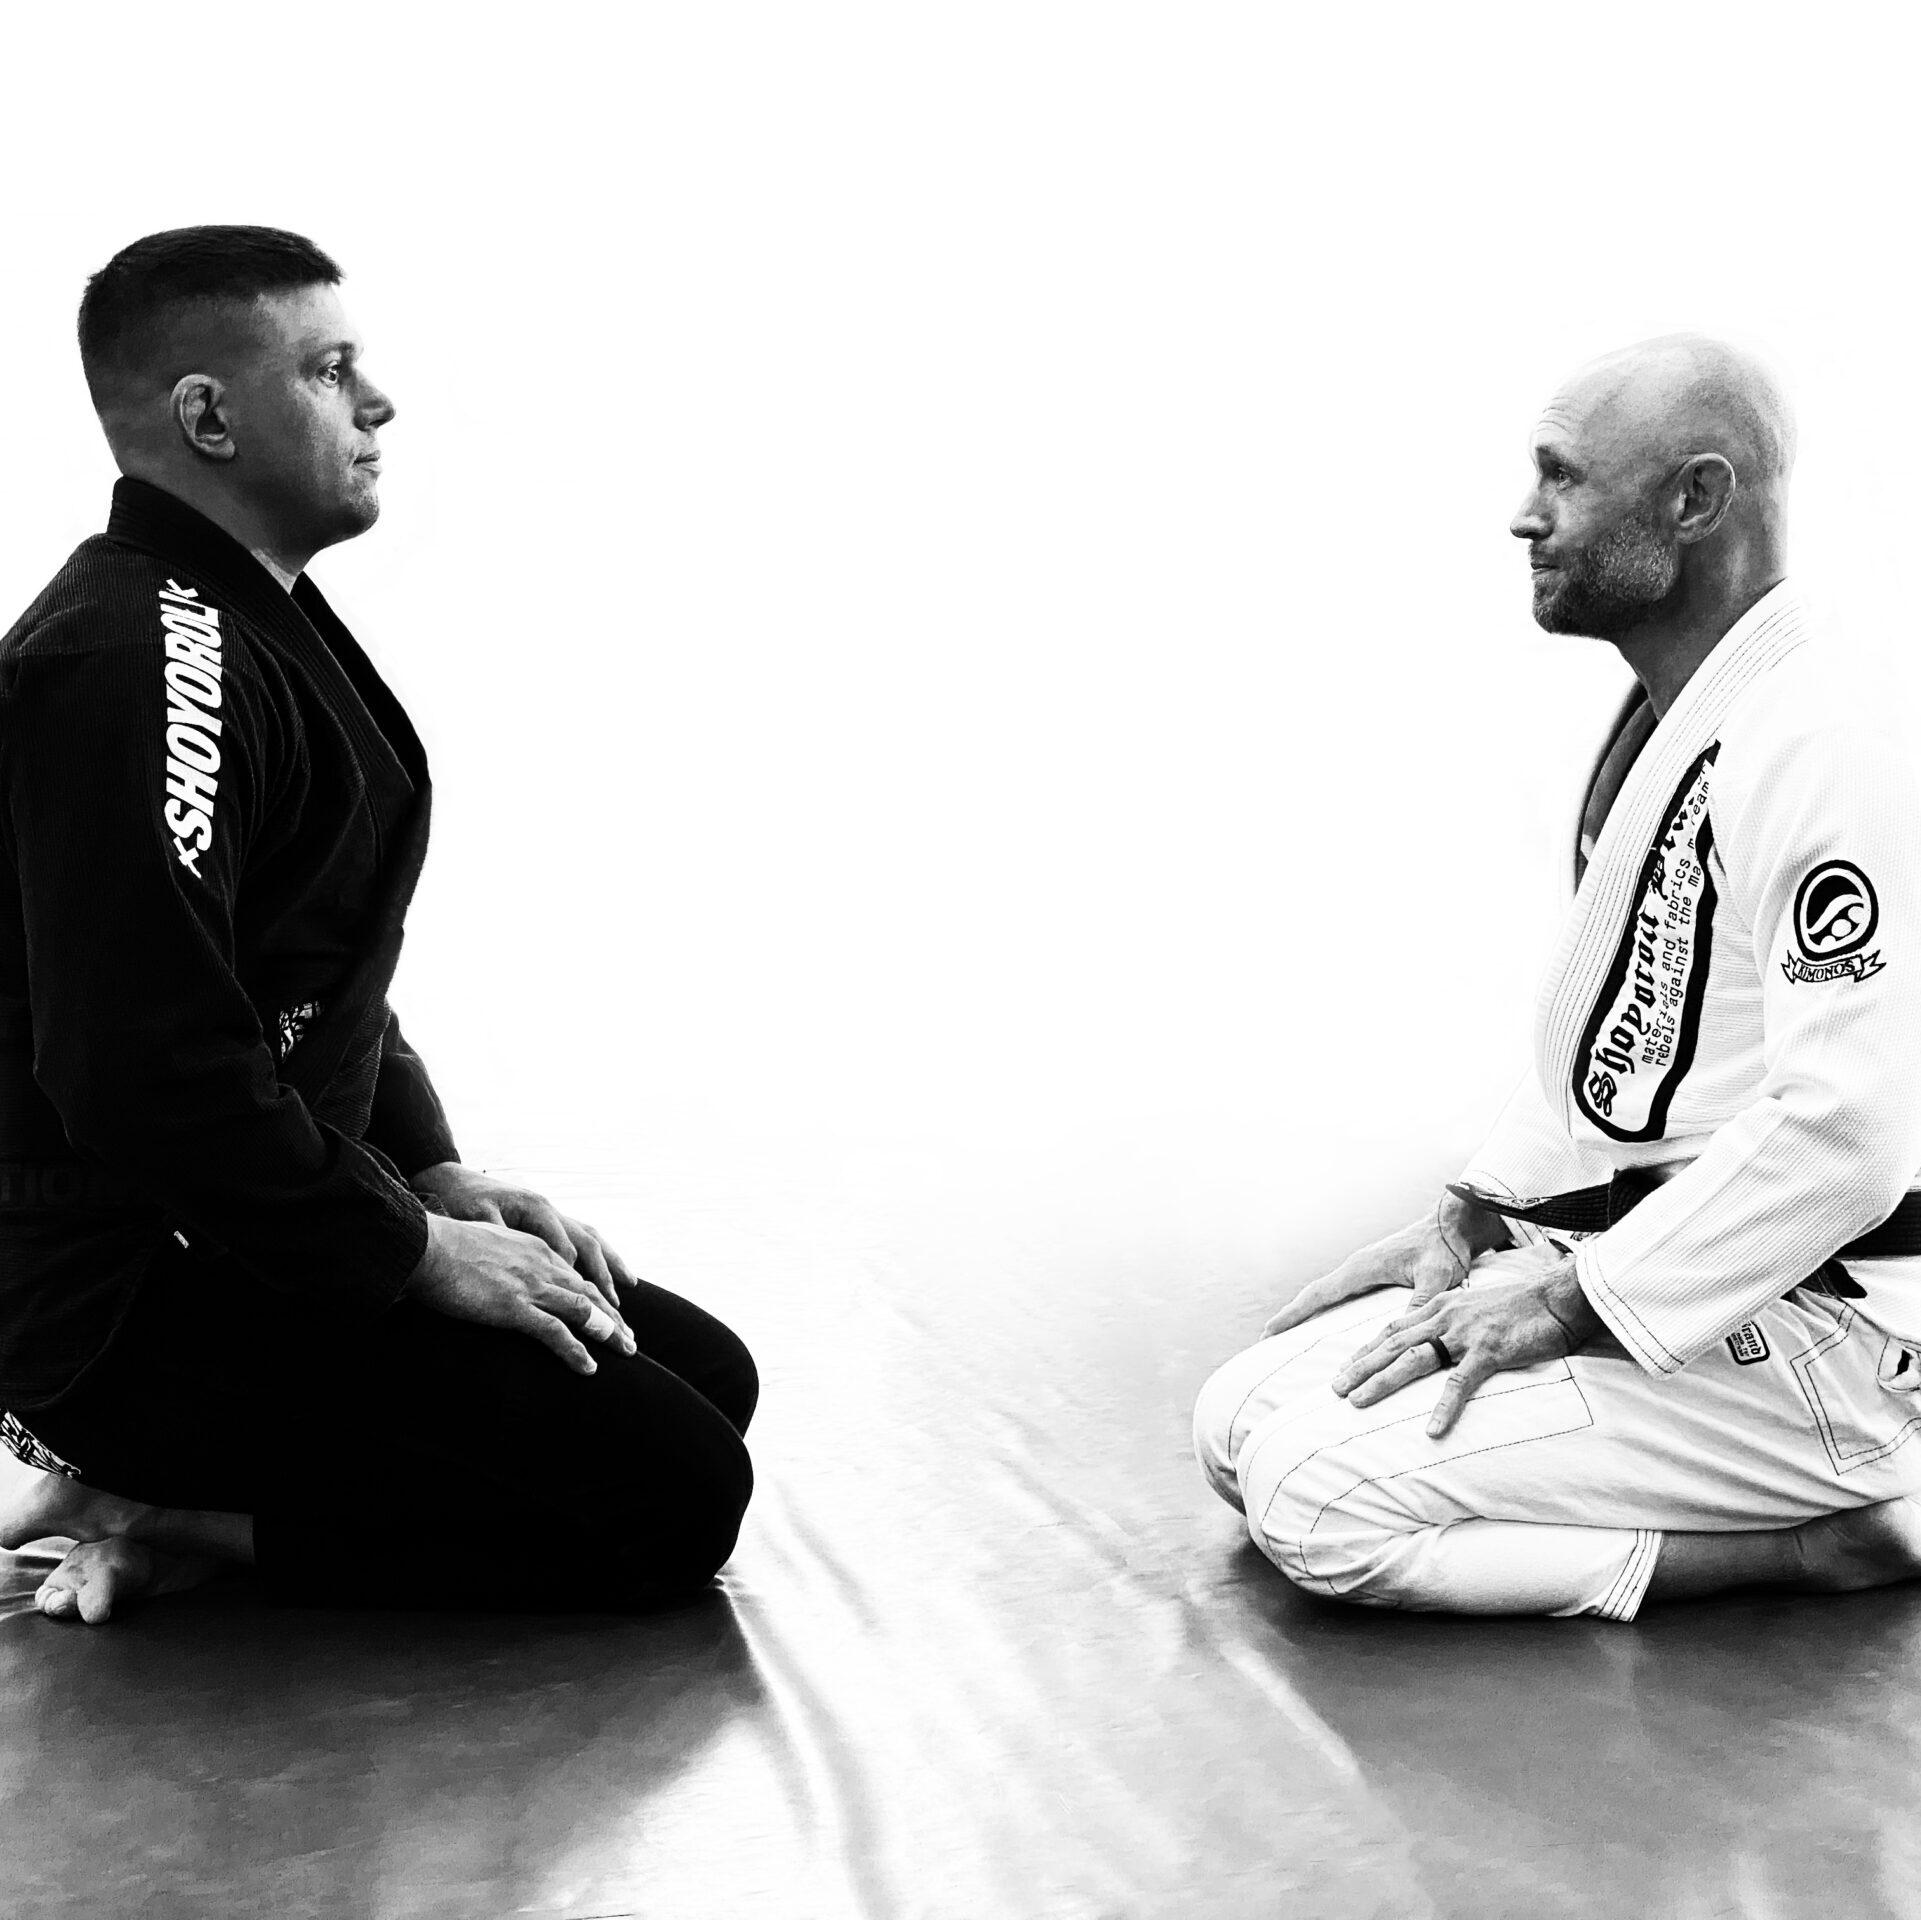 Deep Water Brazilian Jiu Jitsu